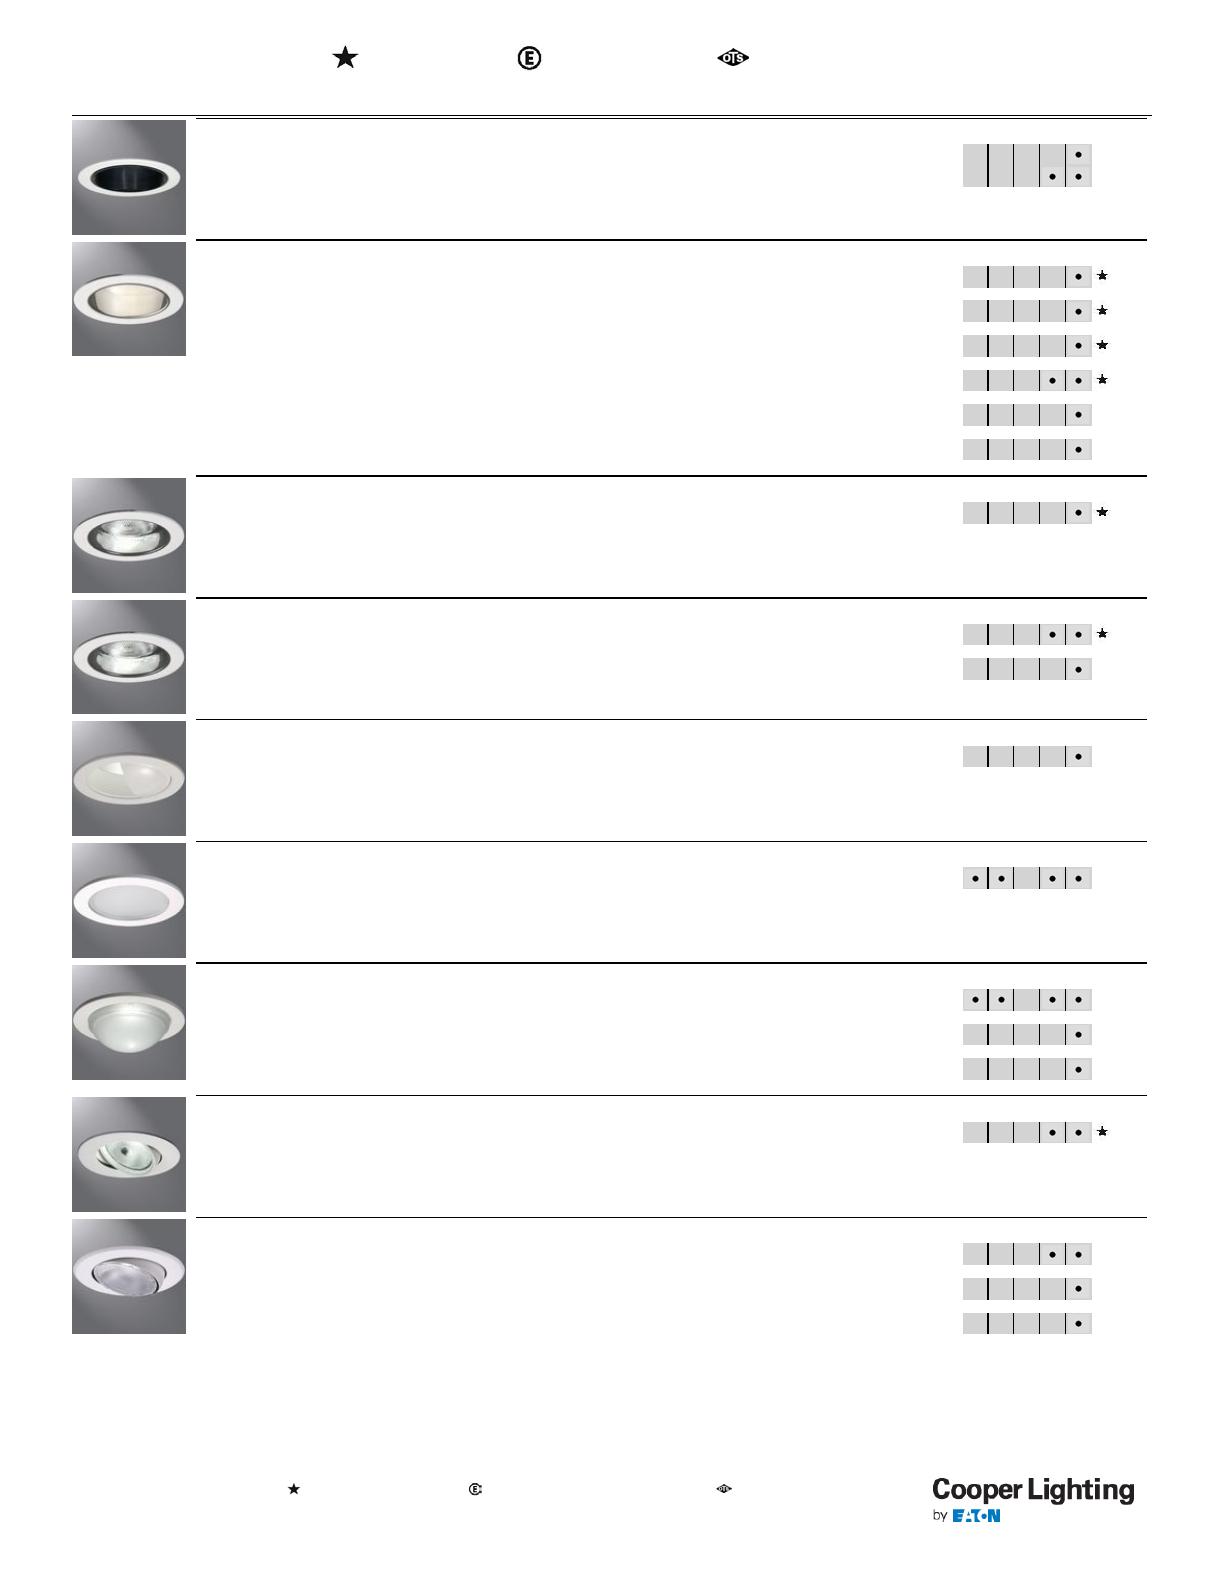 Eaton Cooper Lighting RL460WH830PK